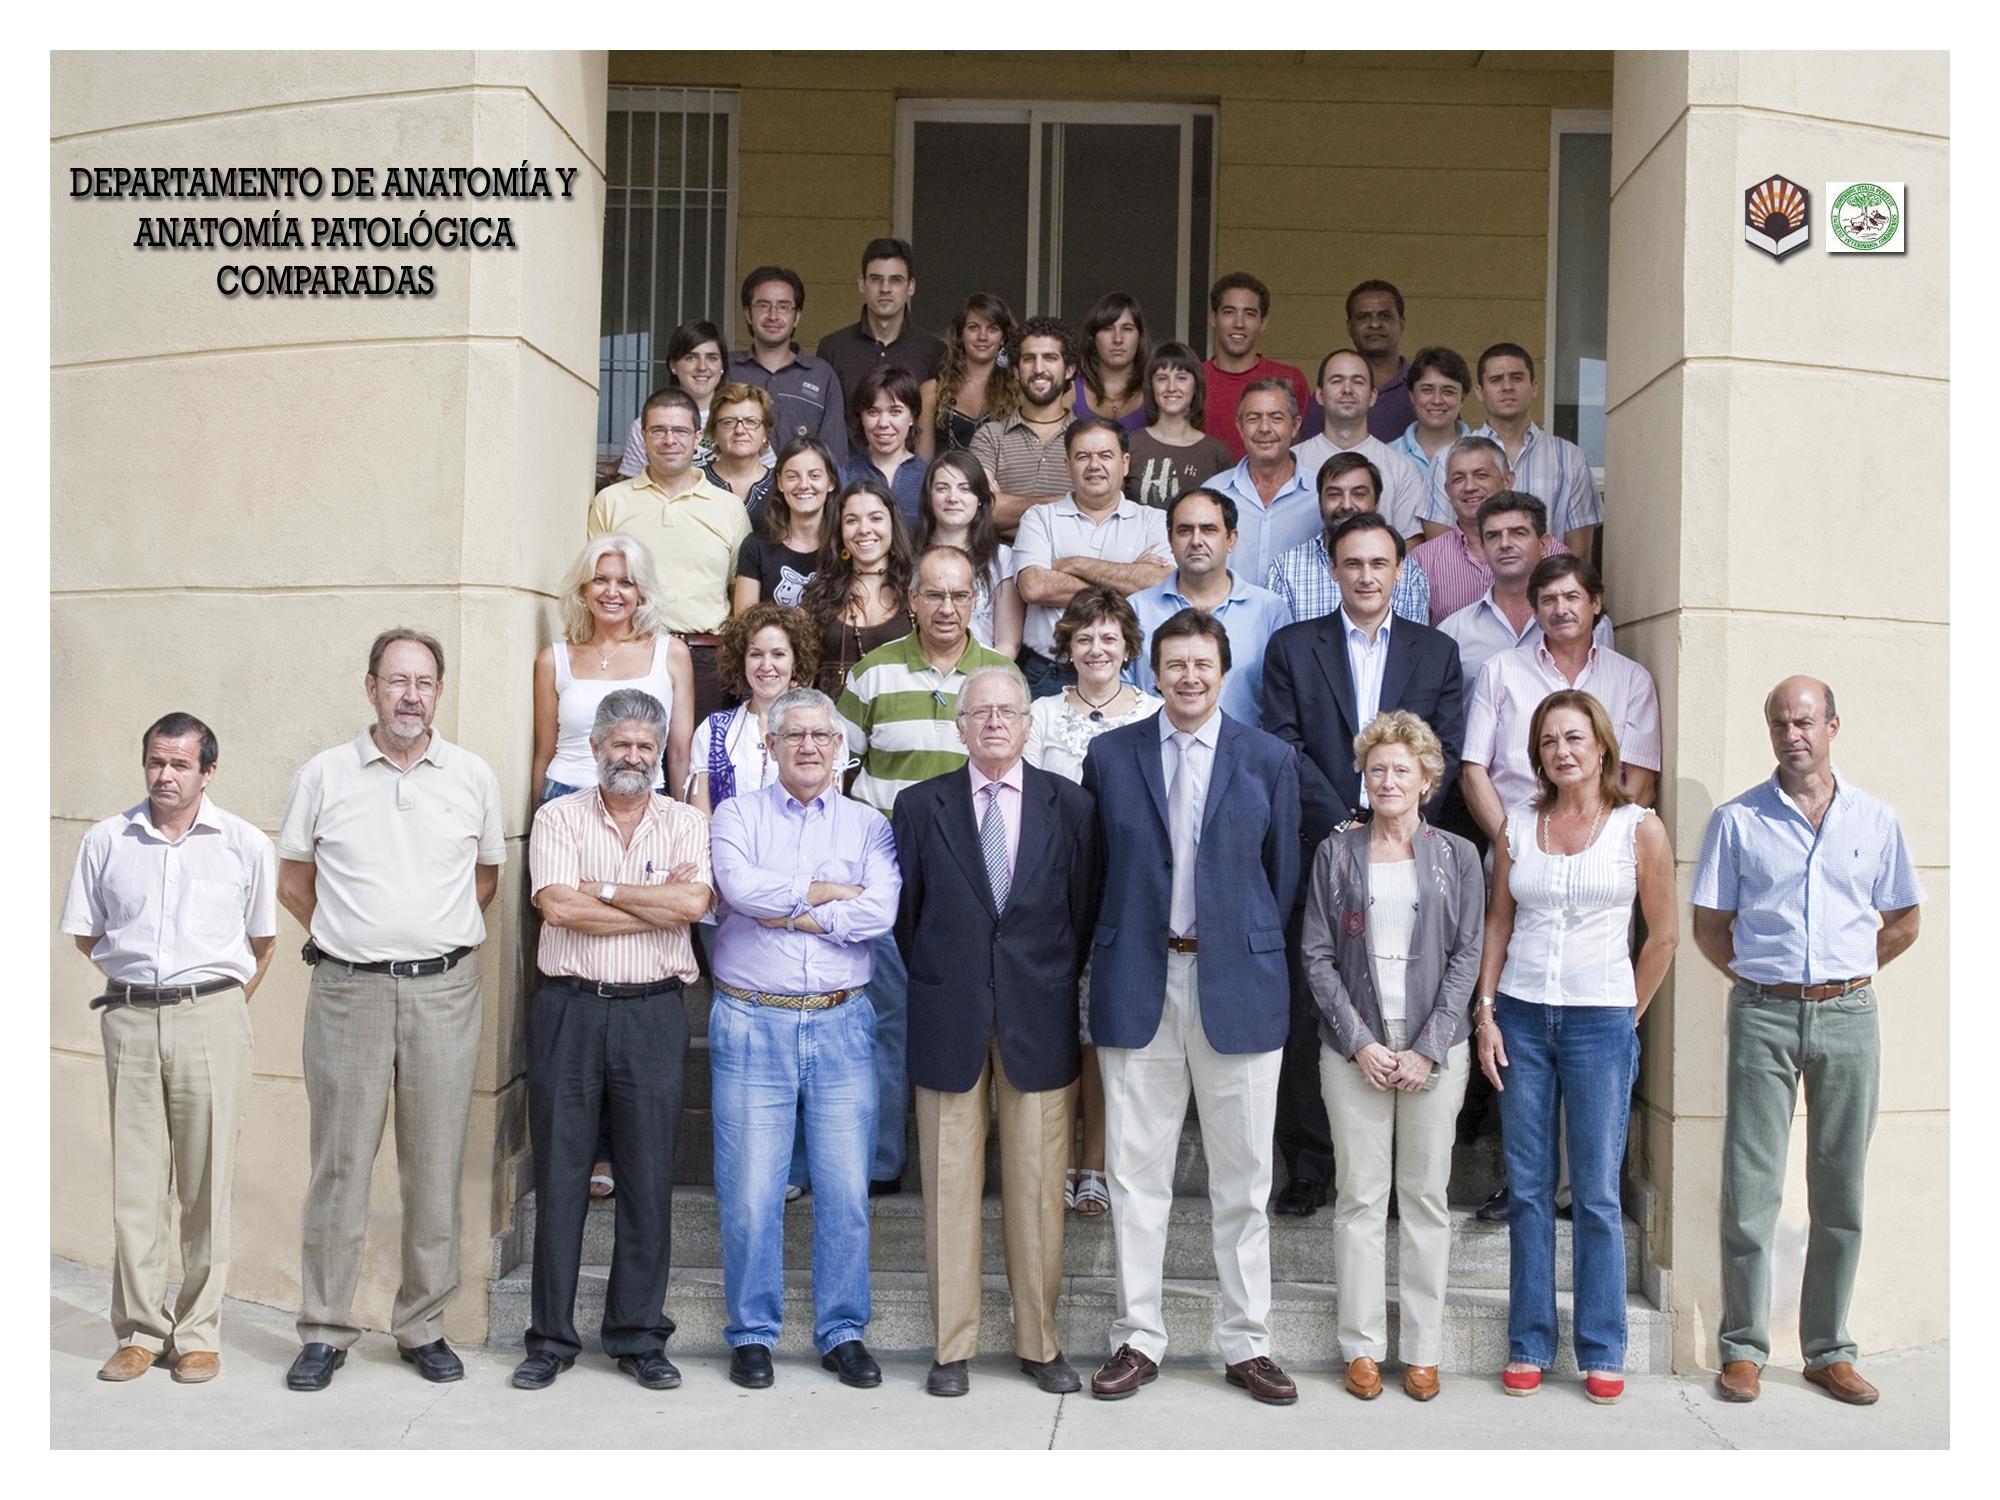 DEPARTAMENTO DE ANATOMÍA Y ANATOMÍA PATOLÓGICA COMPARADAS